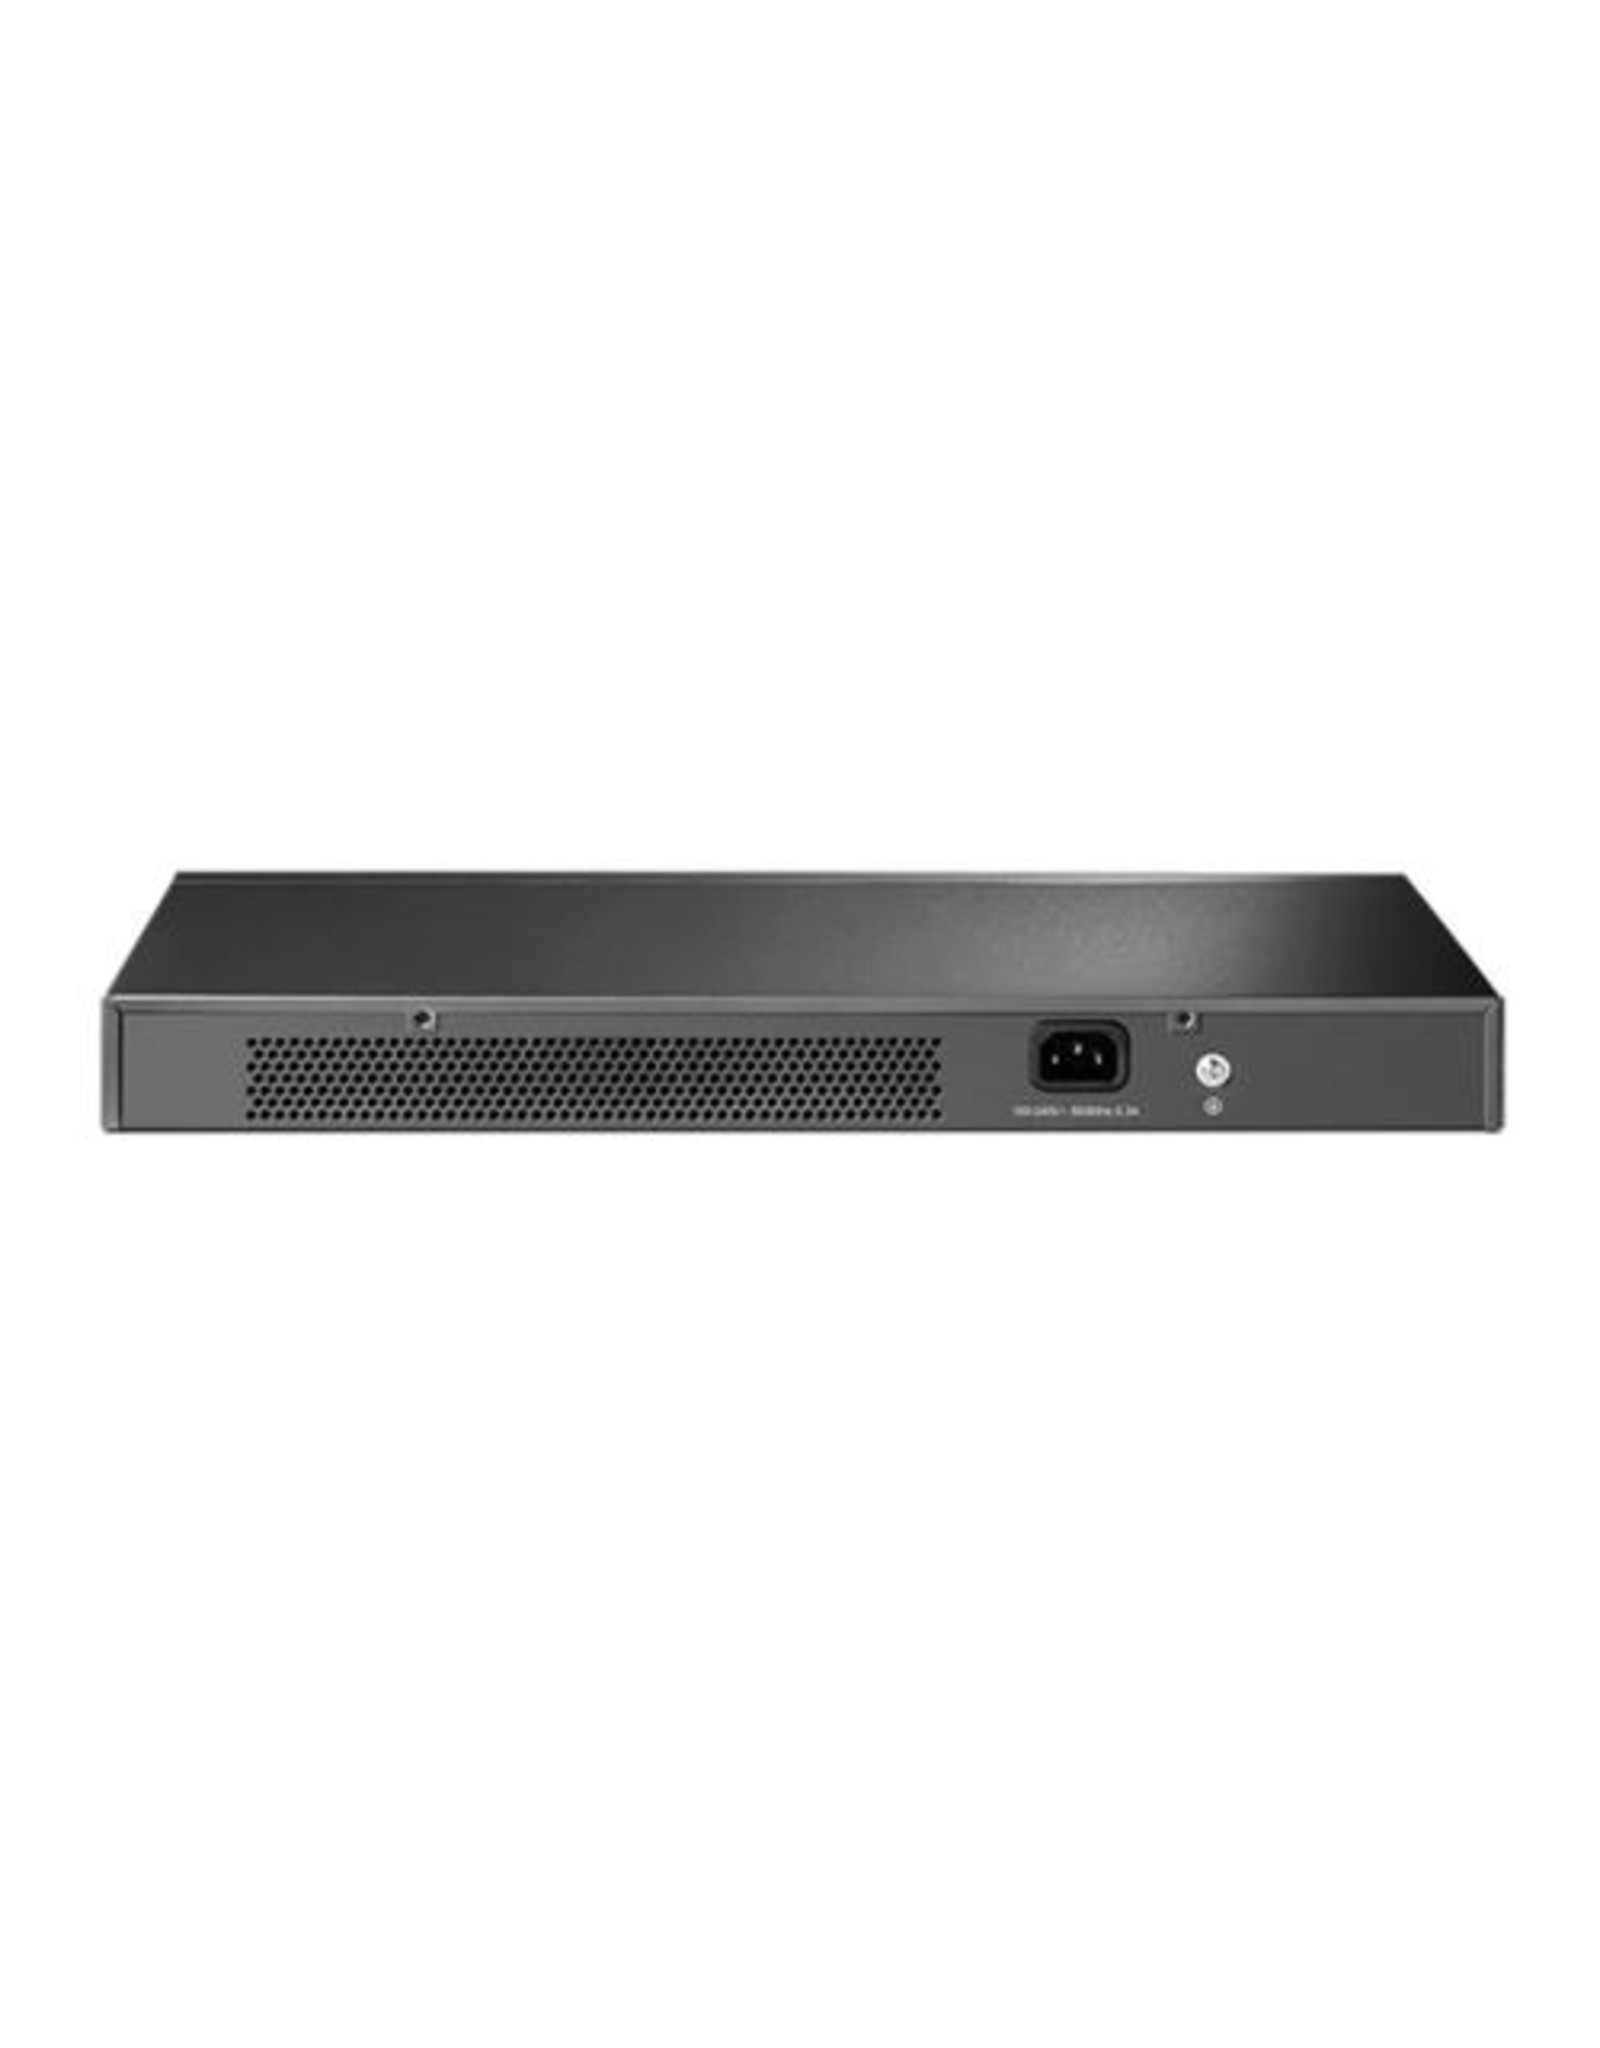 TP-Link TP-LINK TL-SG1016 Managed L2 Gigabit Ethernet (10/100/1000)